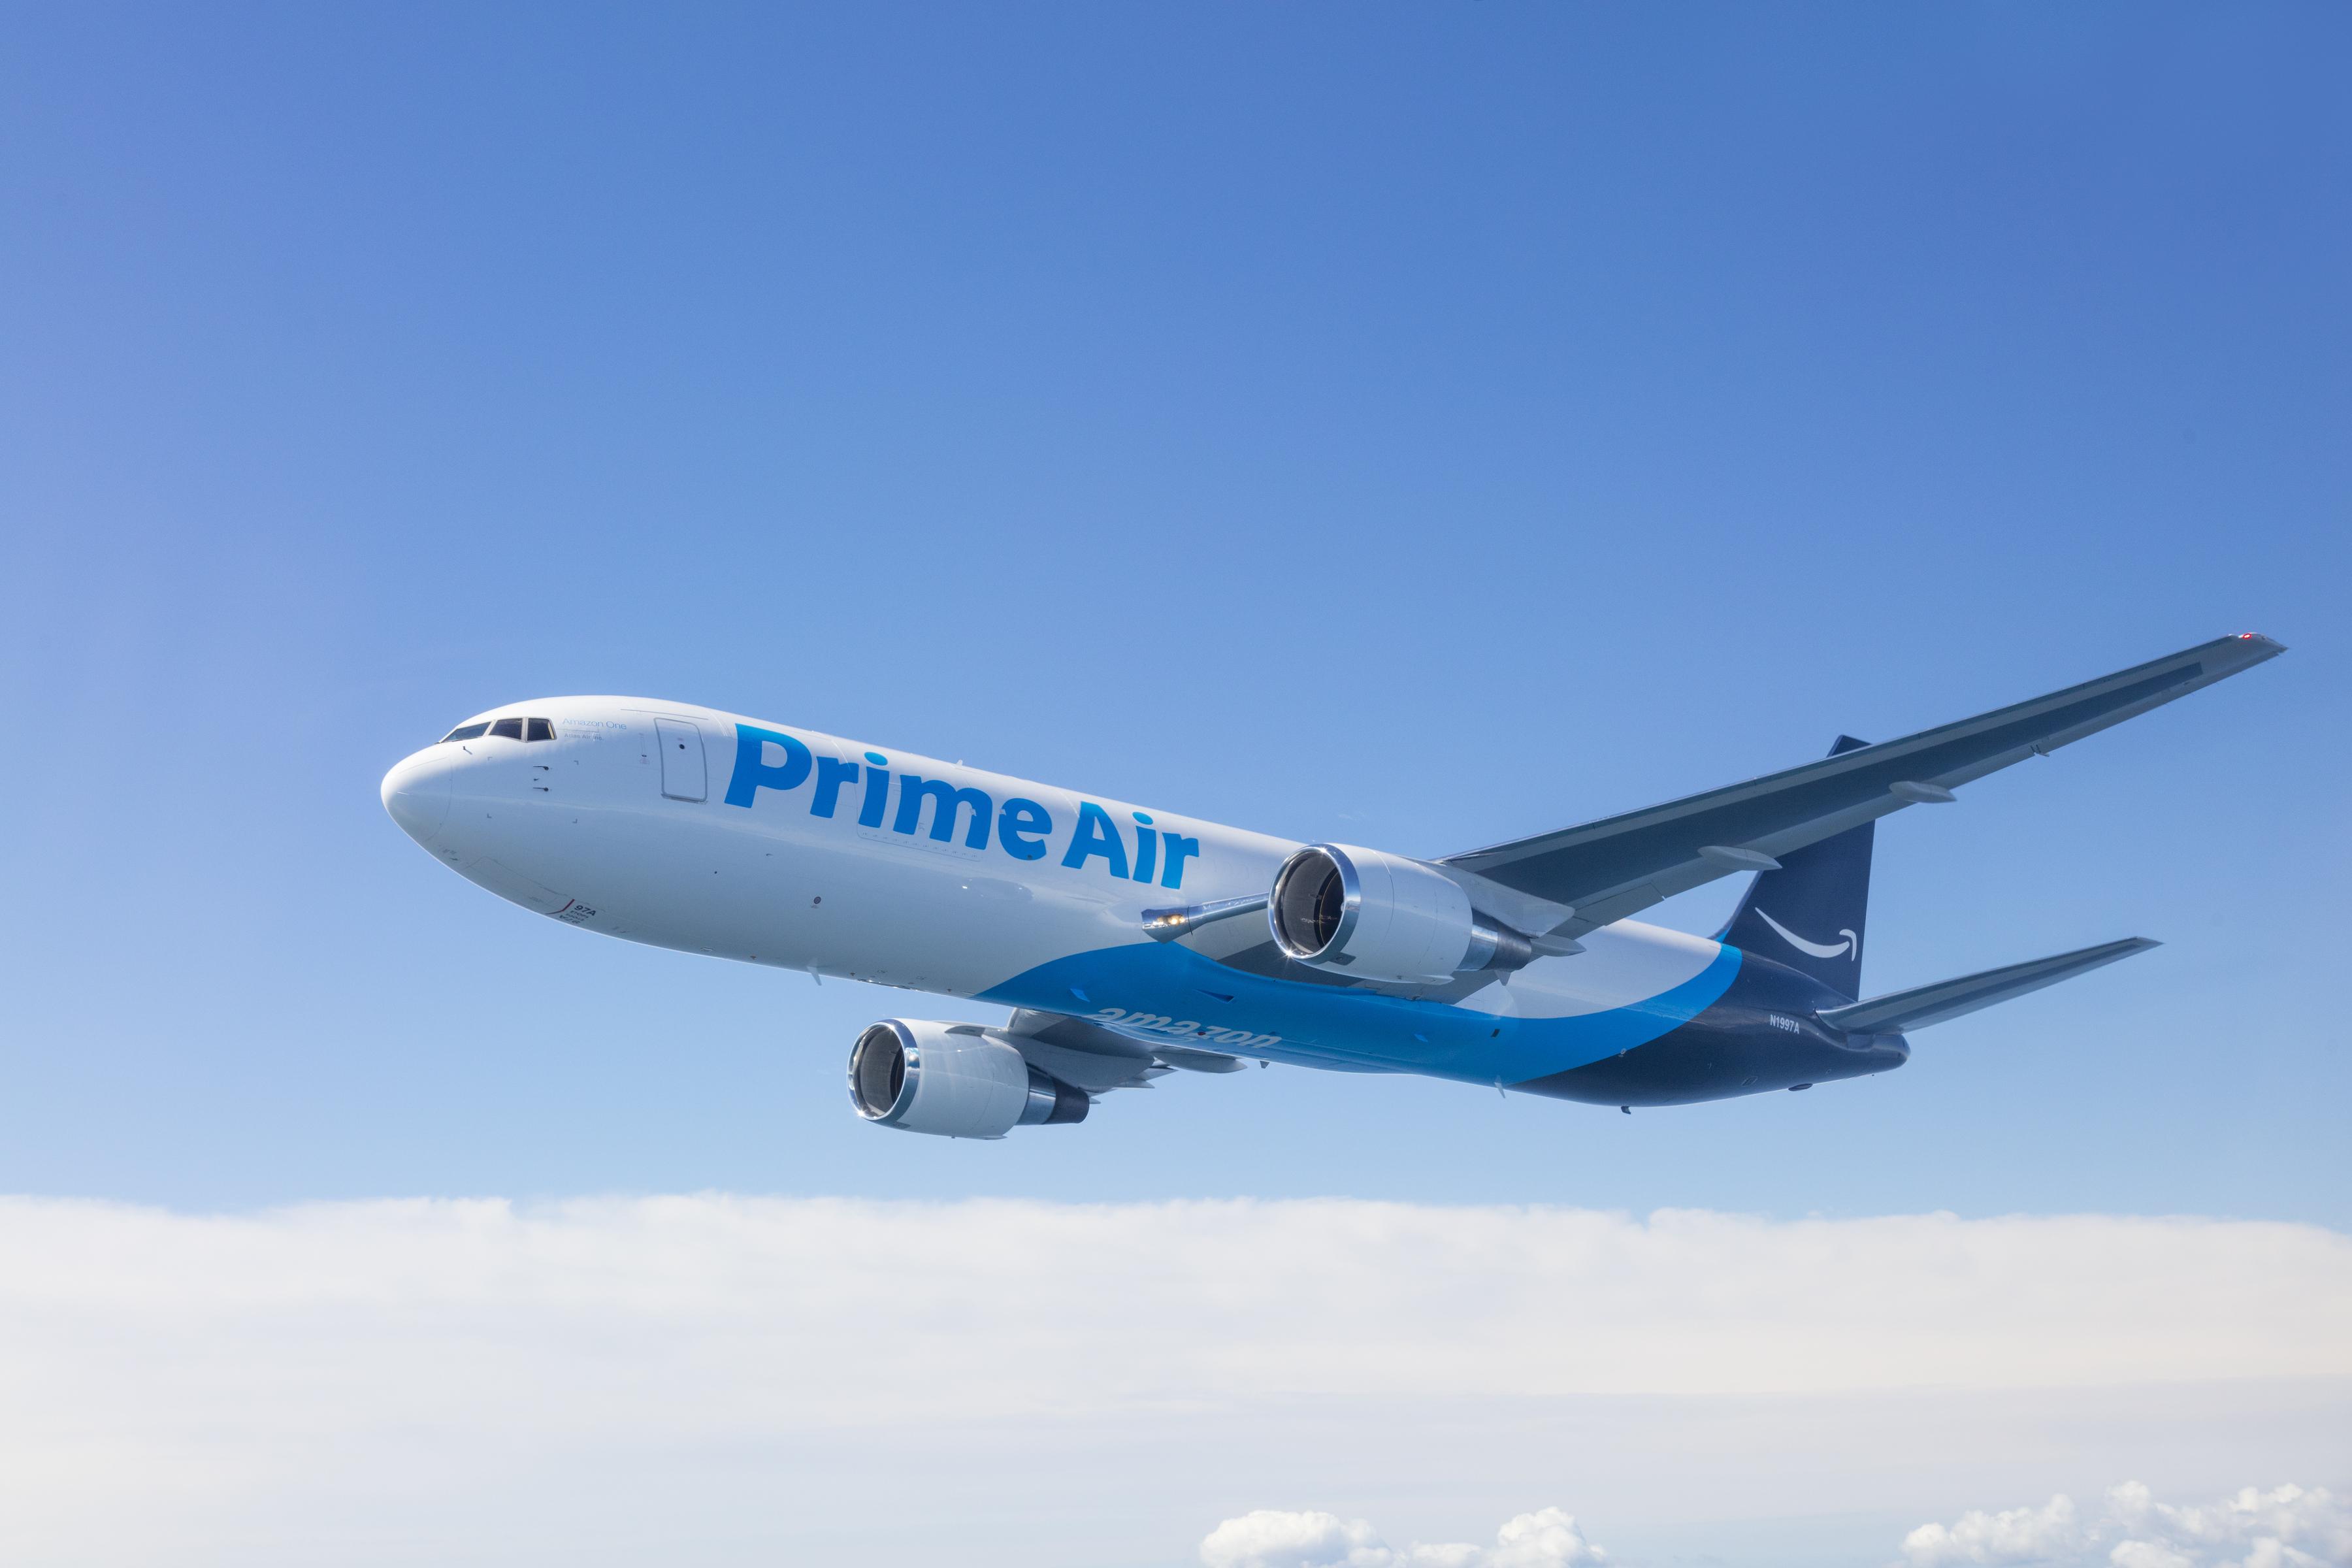 amazon prime air pic